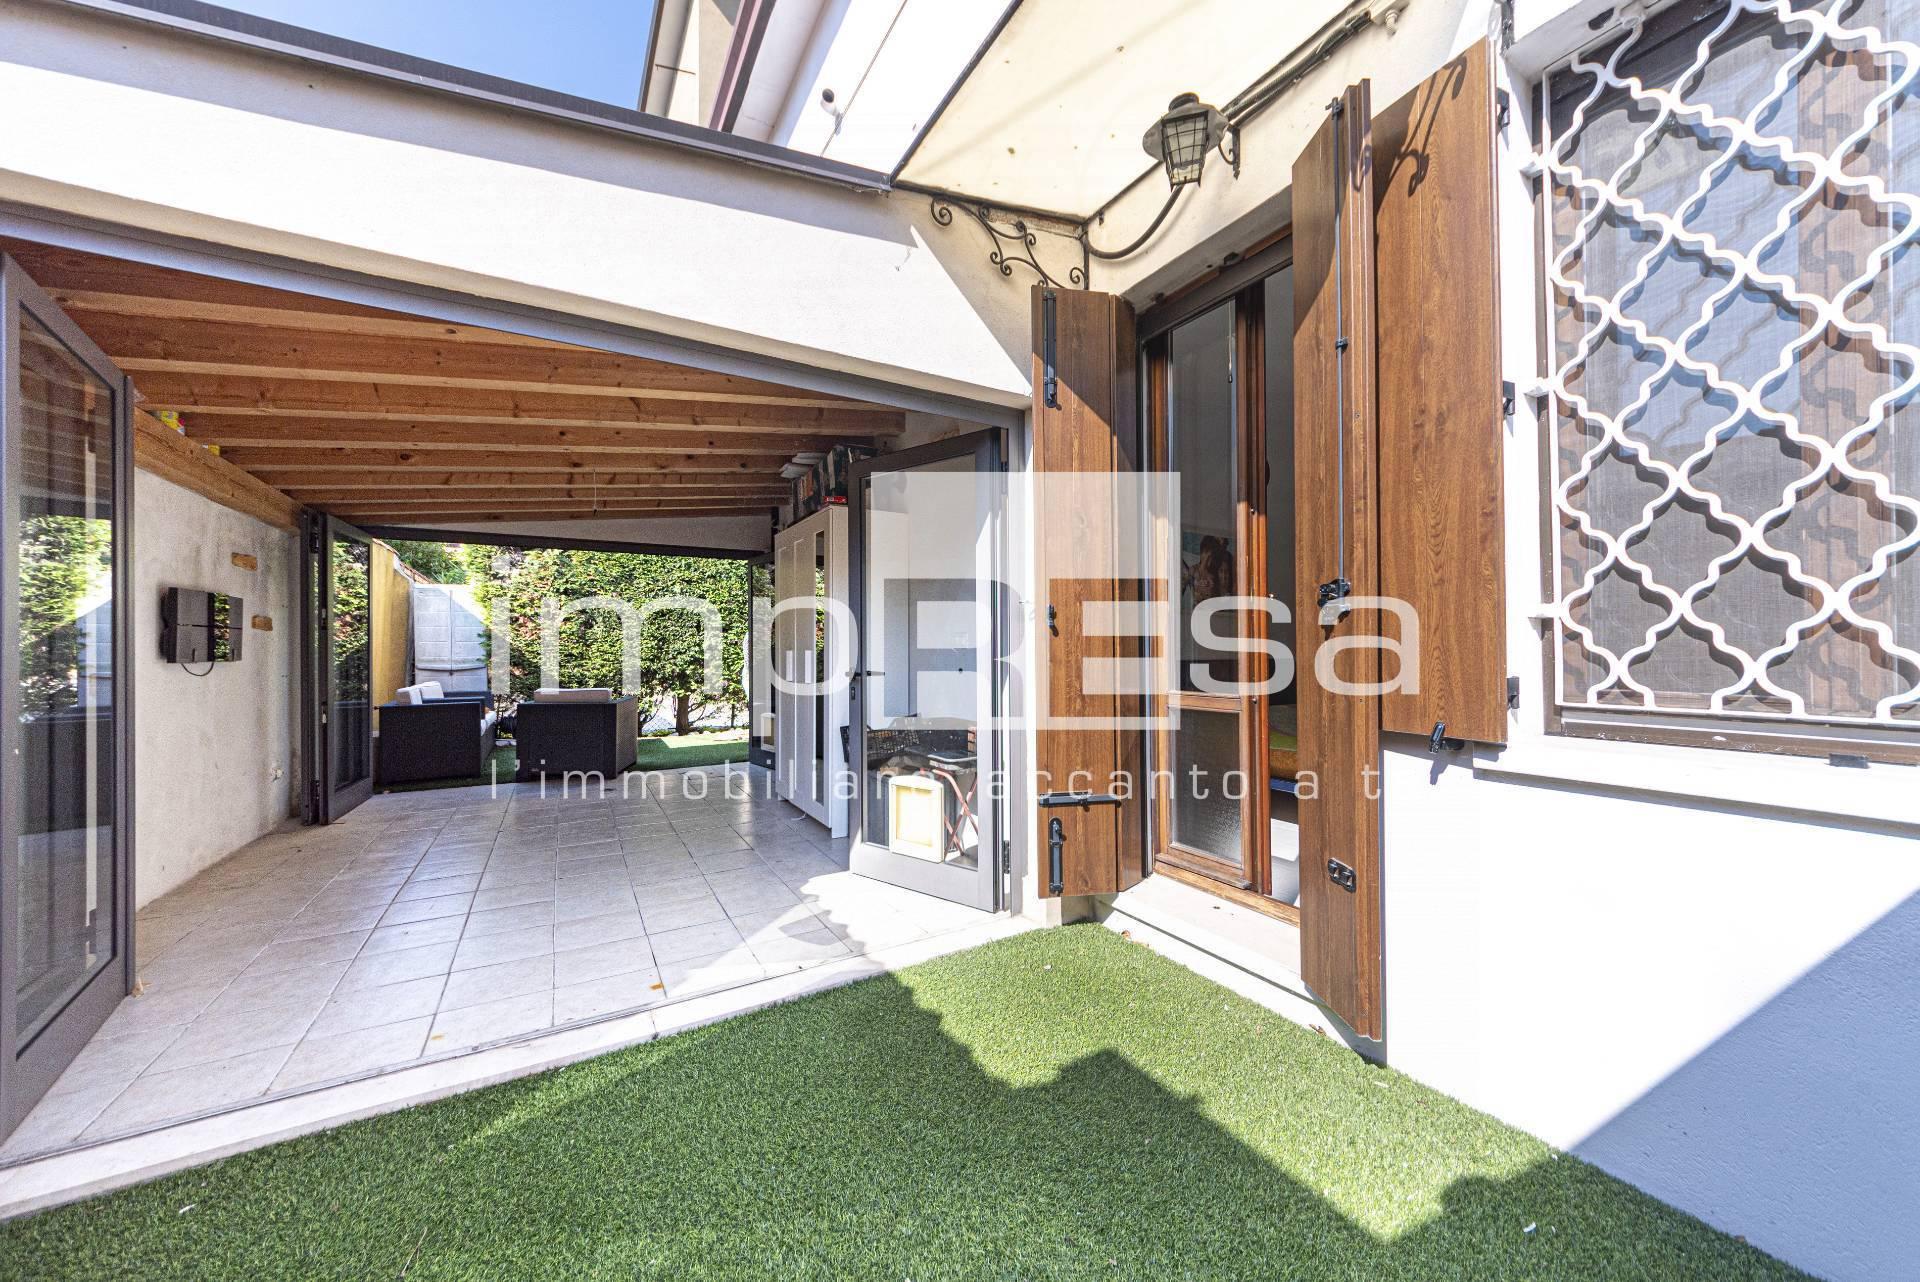 Appartamento in vendita a Venezia, 4 locali, zona Zona: 11 . Mestre, prezzo € 174.000   CambioCasa.it